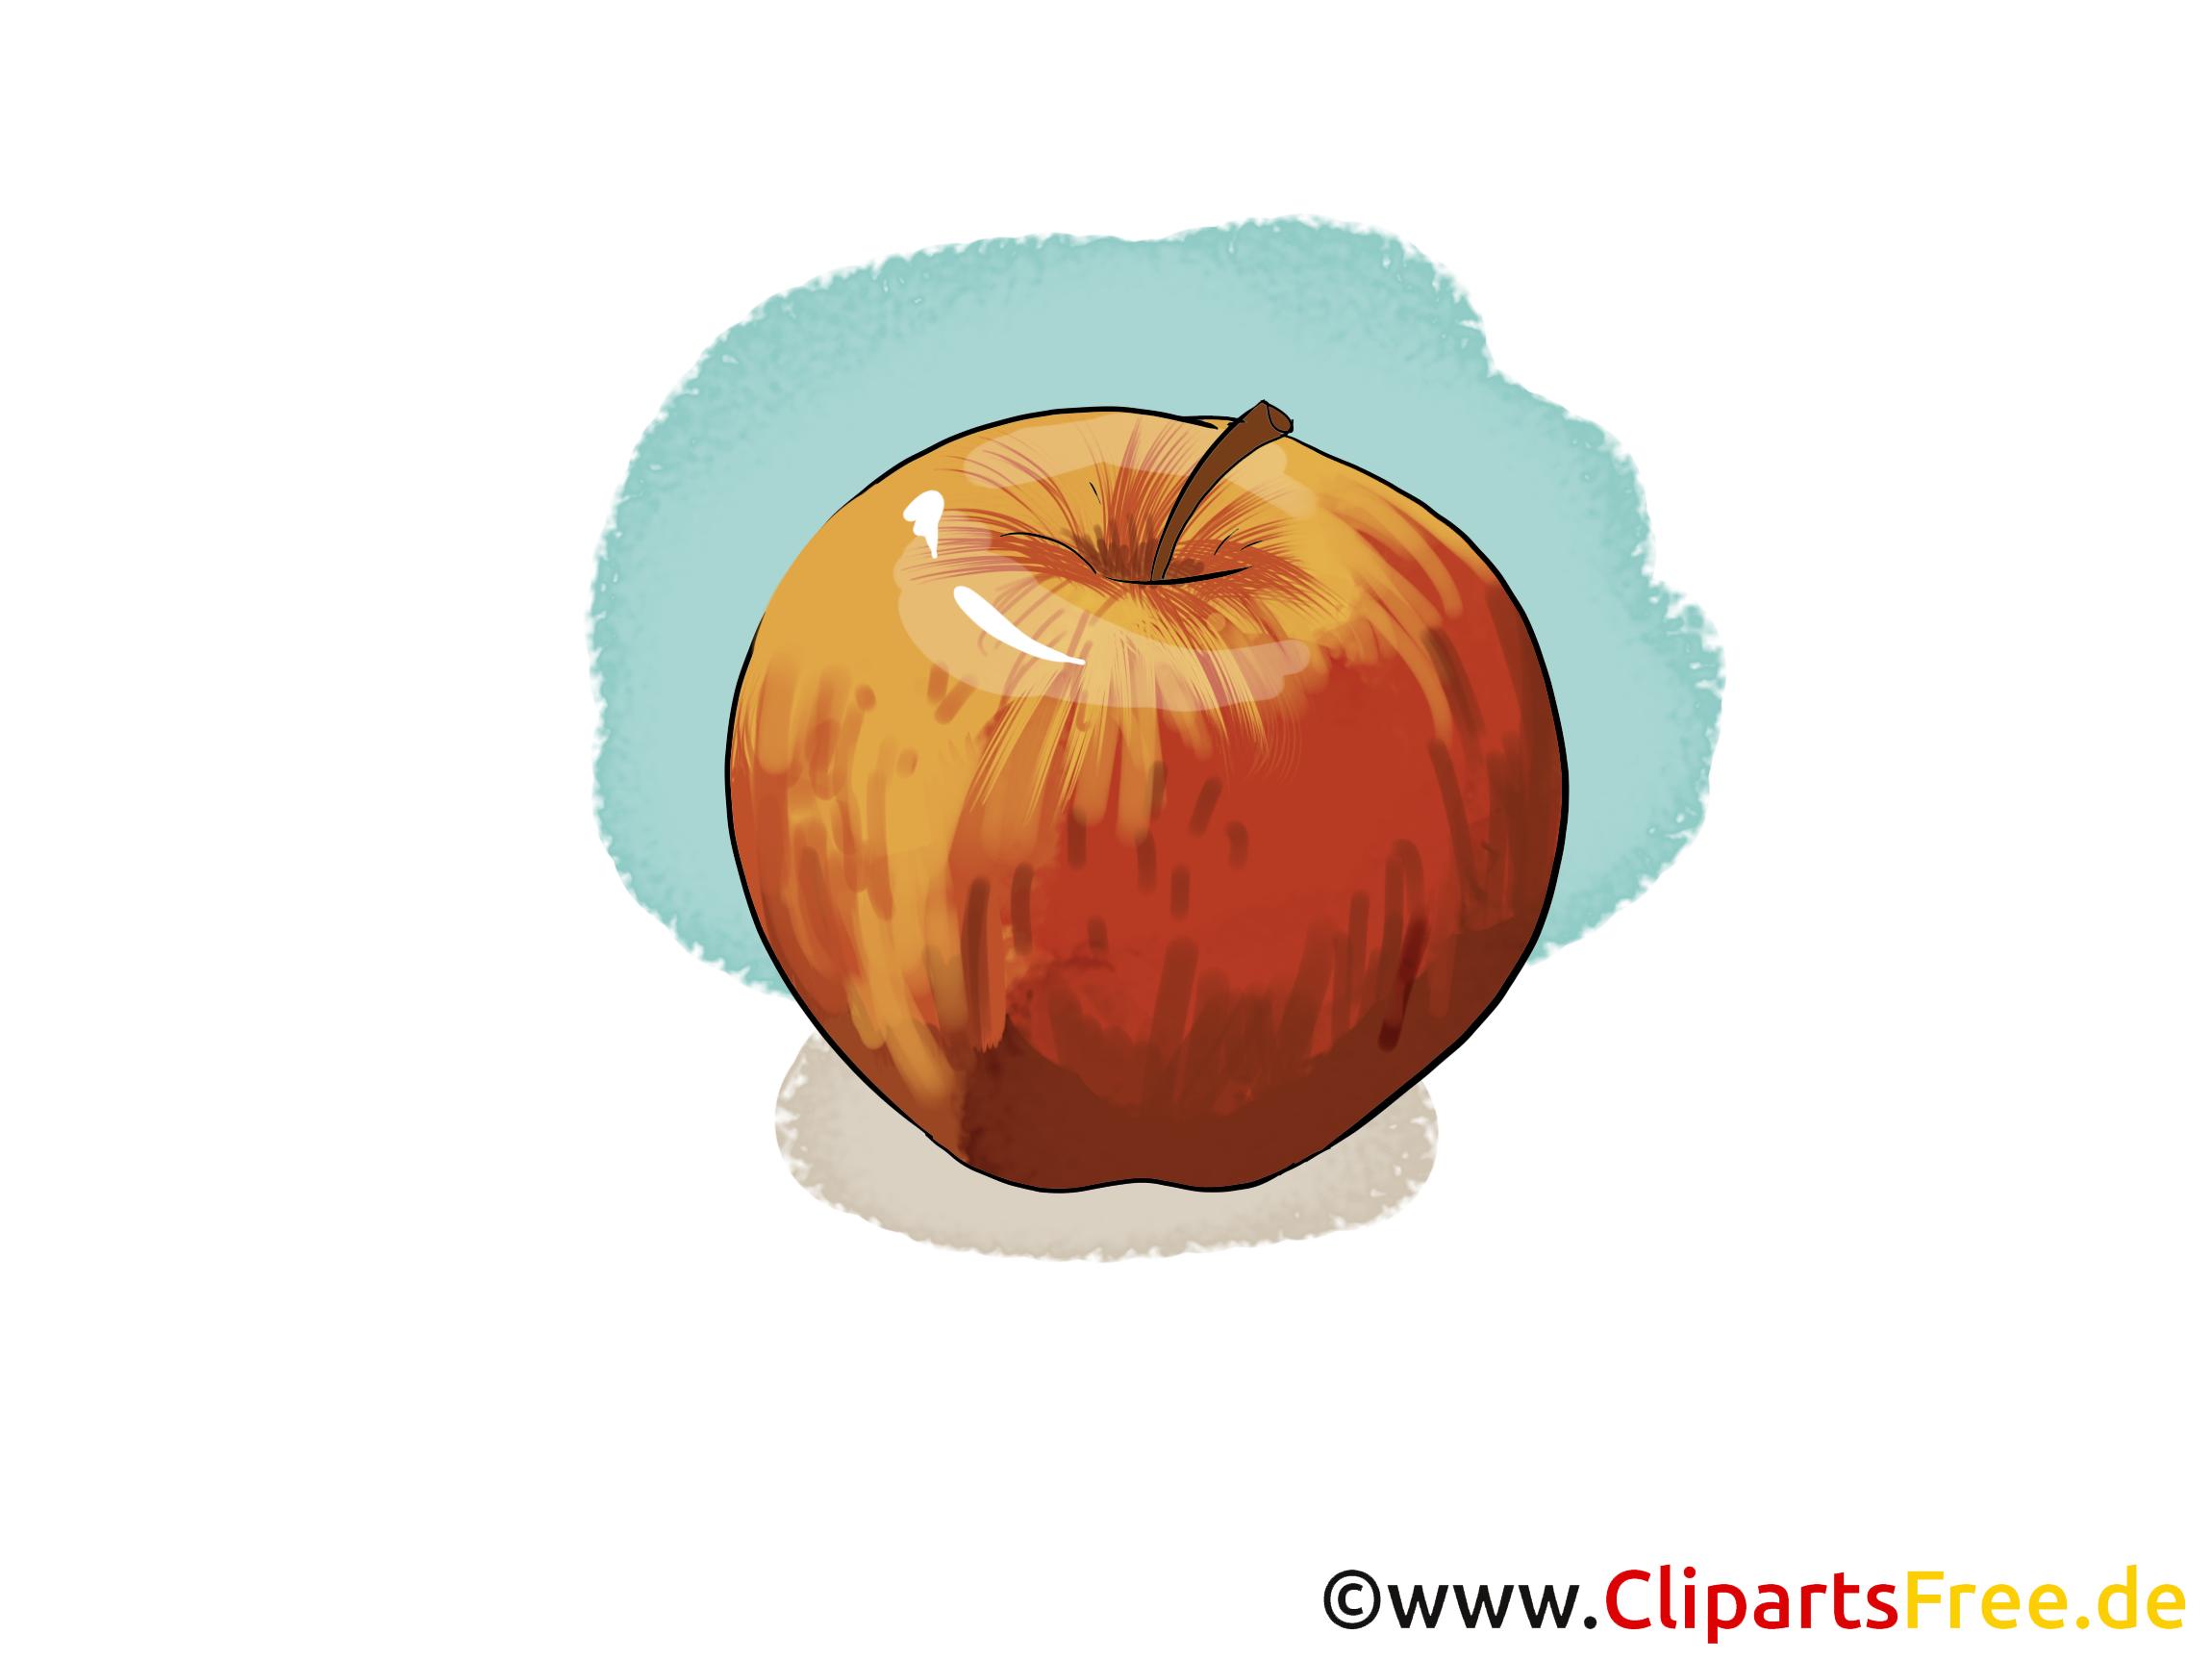 Apfel rot Illustration, Bild, Clipart kostenlos